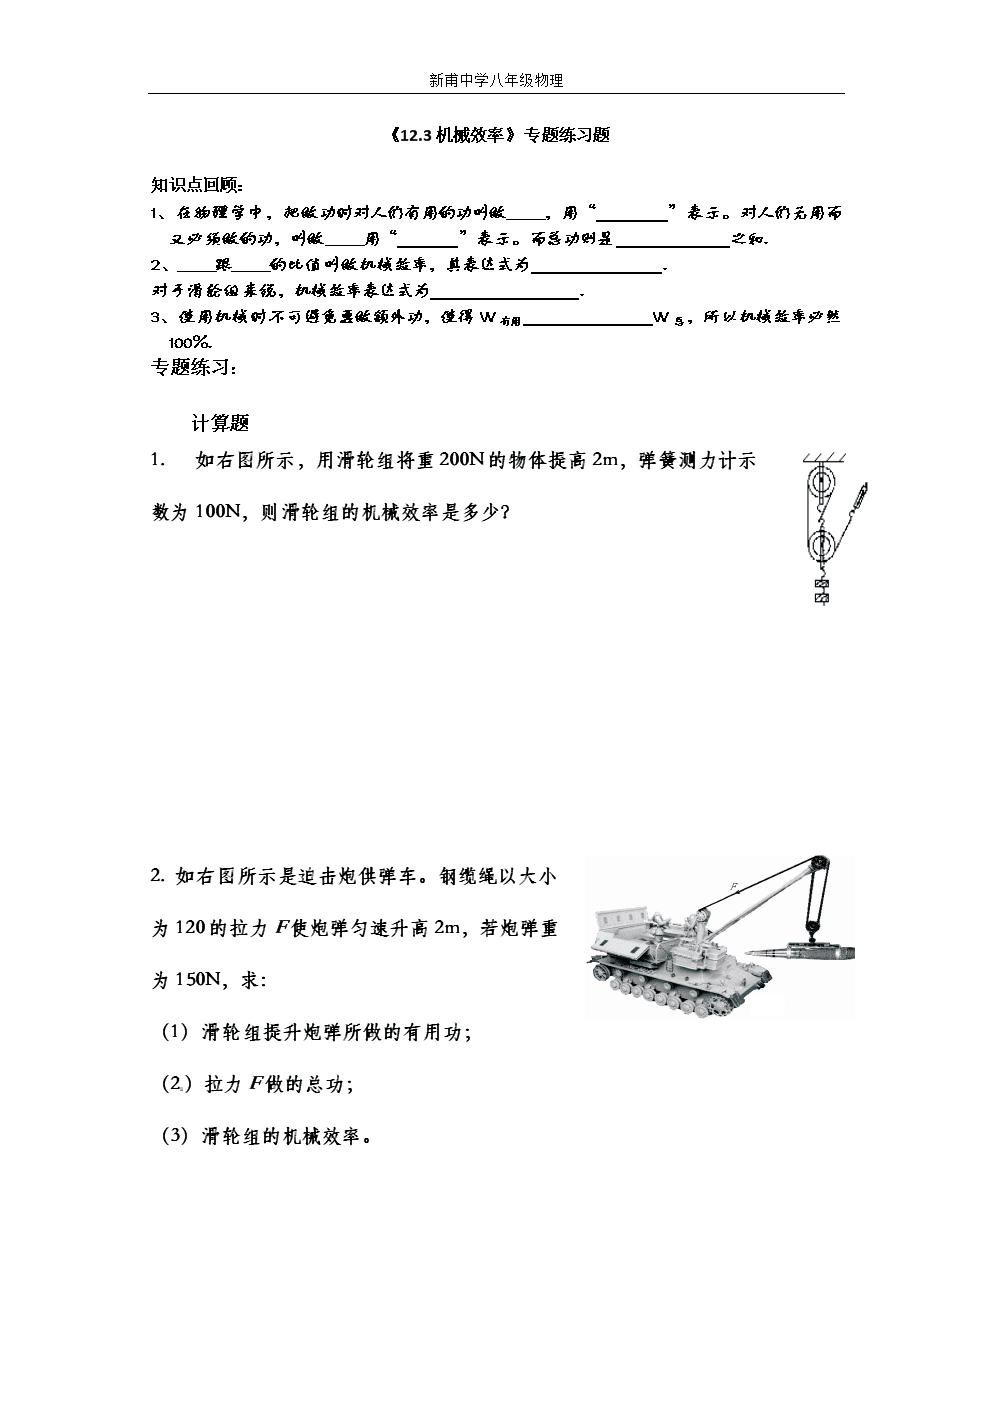 《12.3机械效率》计算题专项练习题.doc